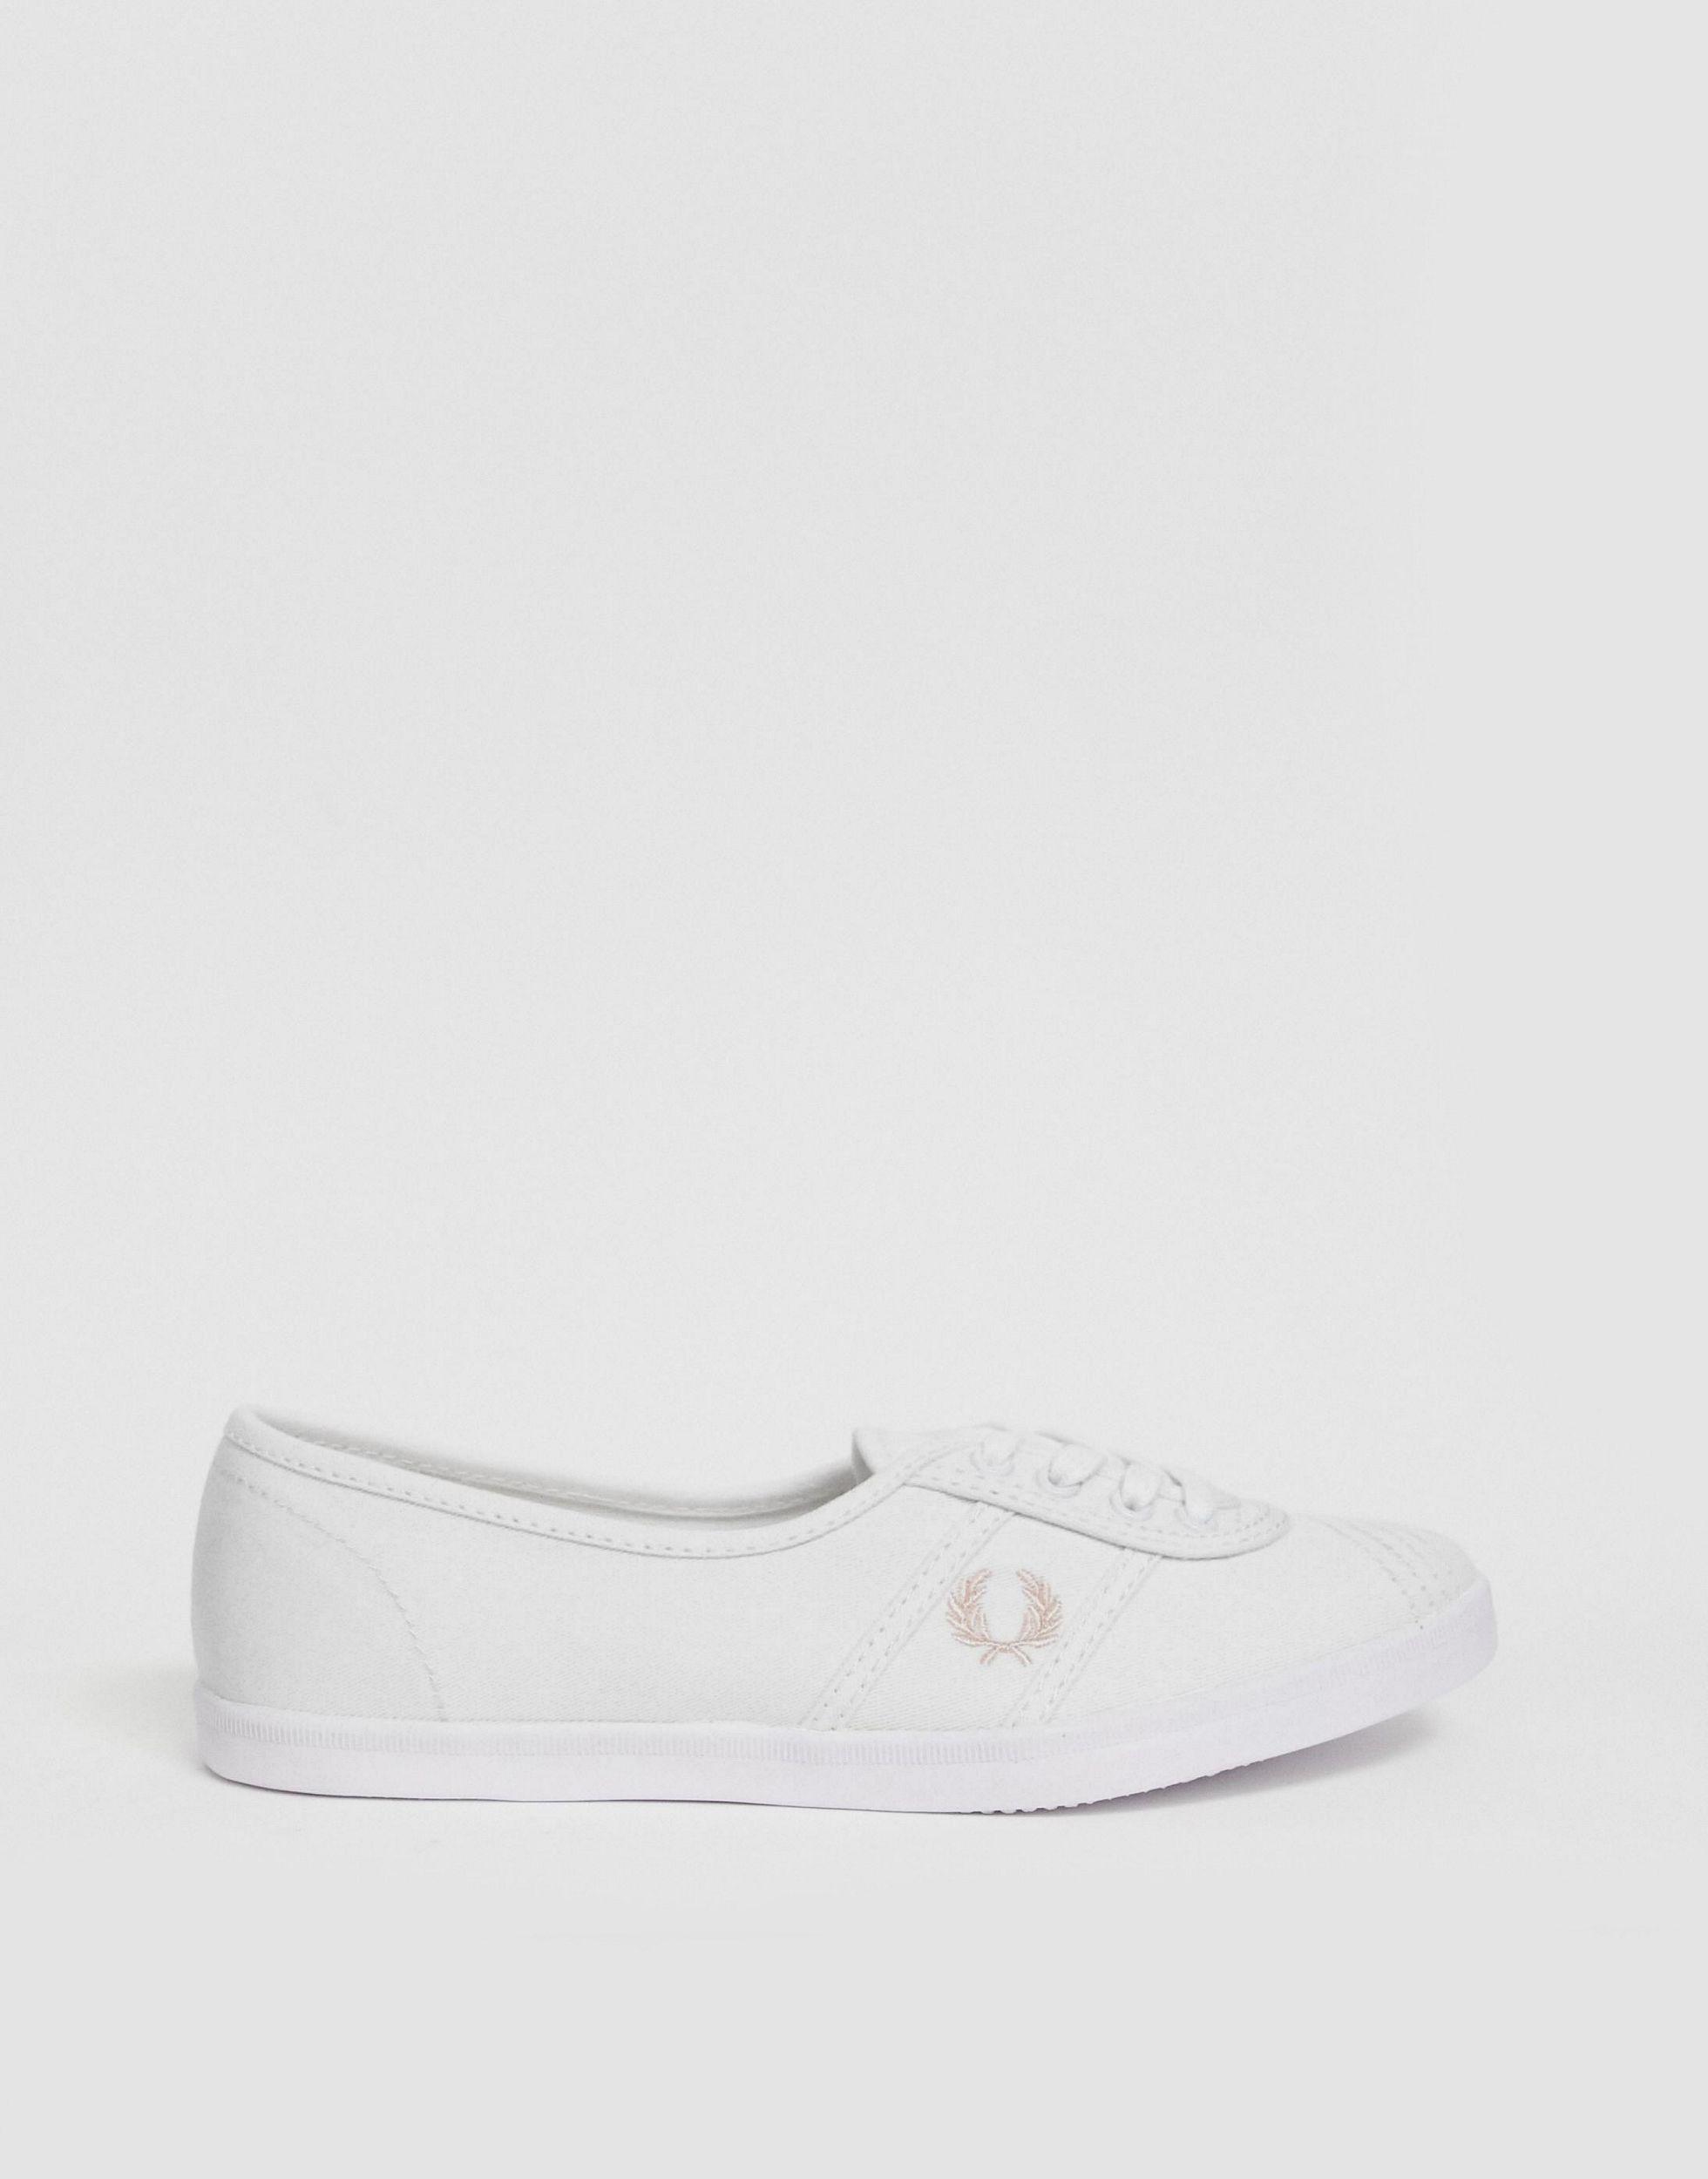 Zapatillas Fred Perry de Lona de color Blanco